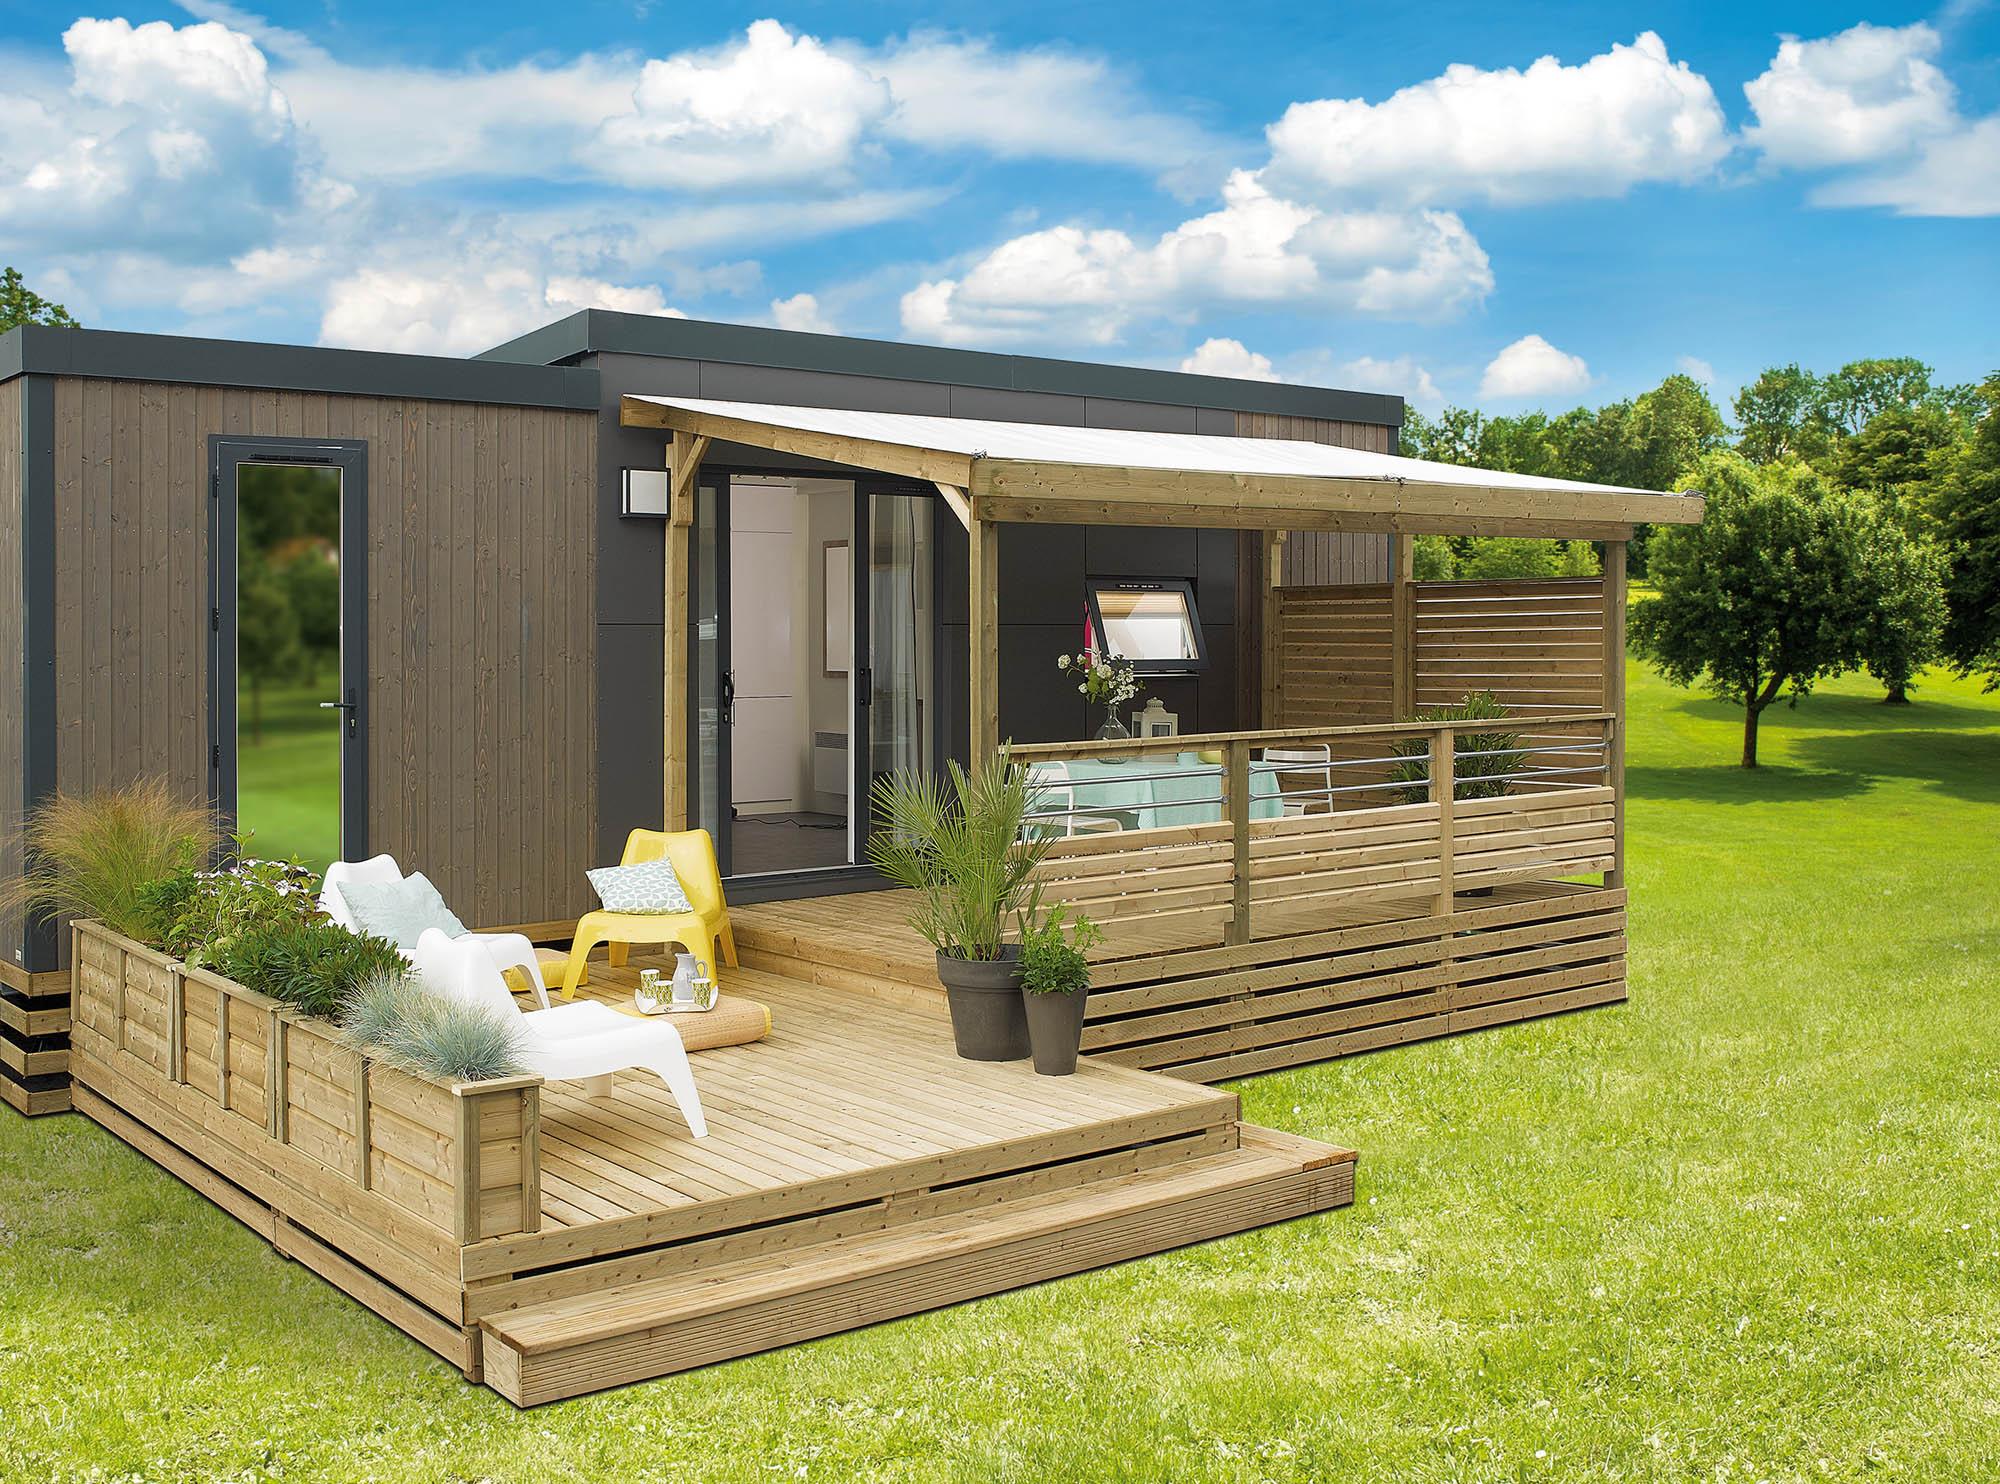 La terrasse mobil home en bois et de fabrication Française ...